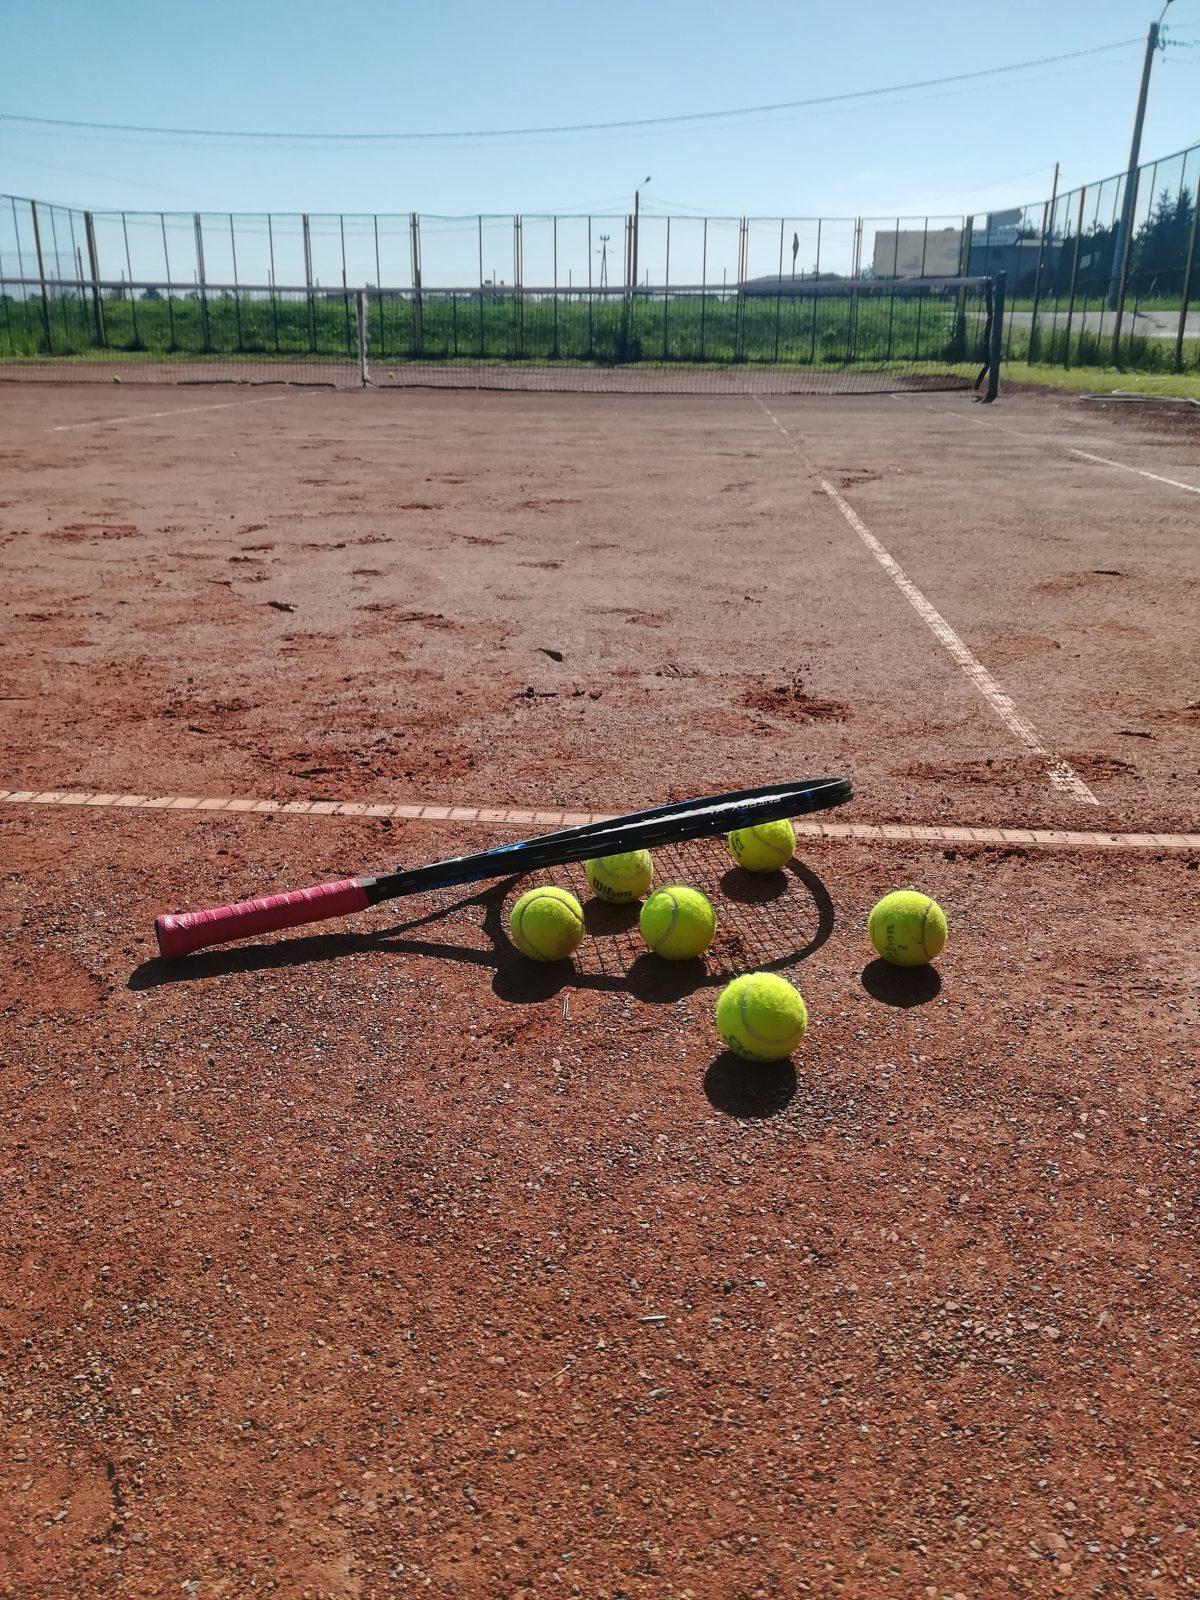 na korcie tenisowym lezy rakieta i kilka piłek